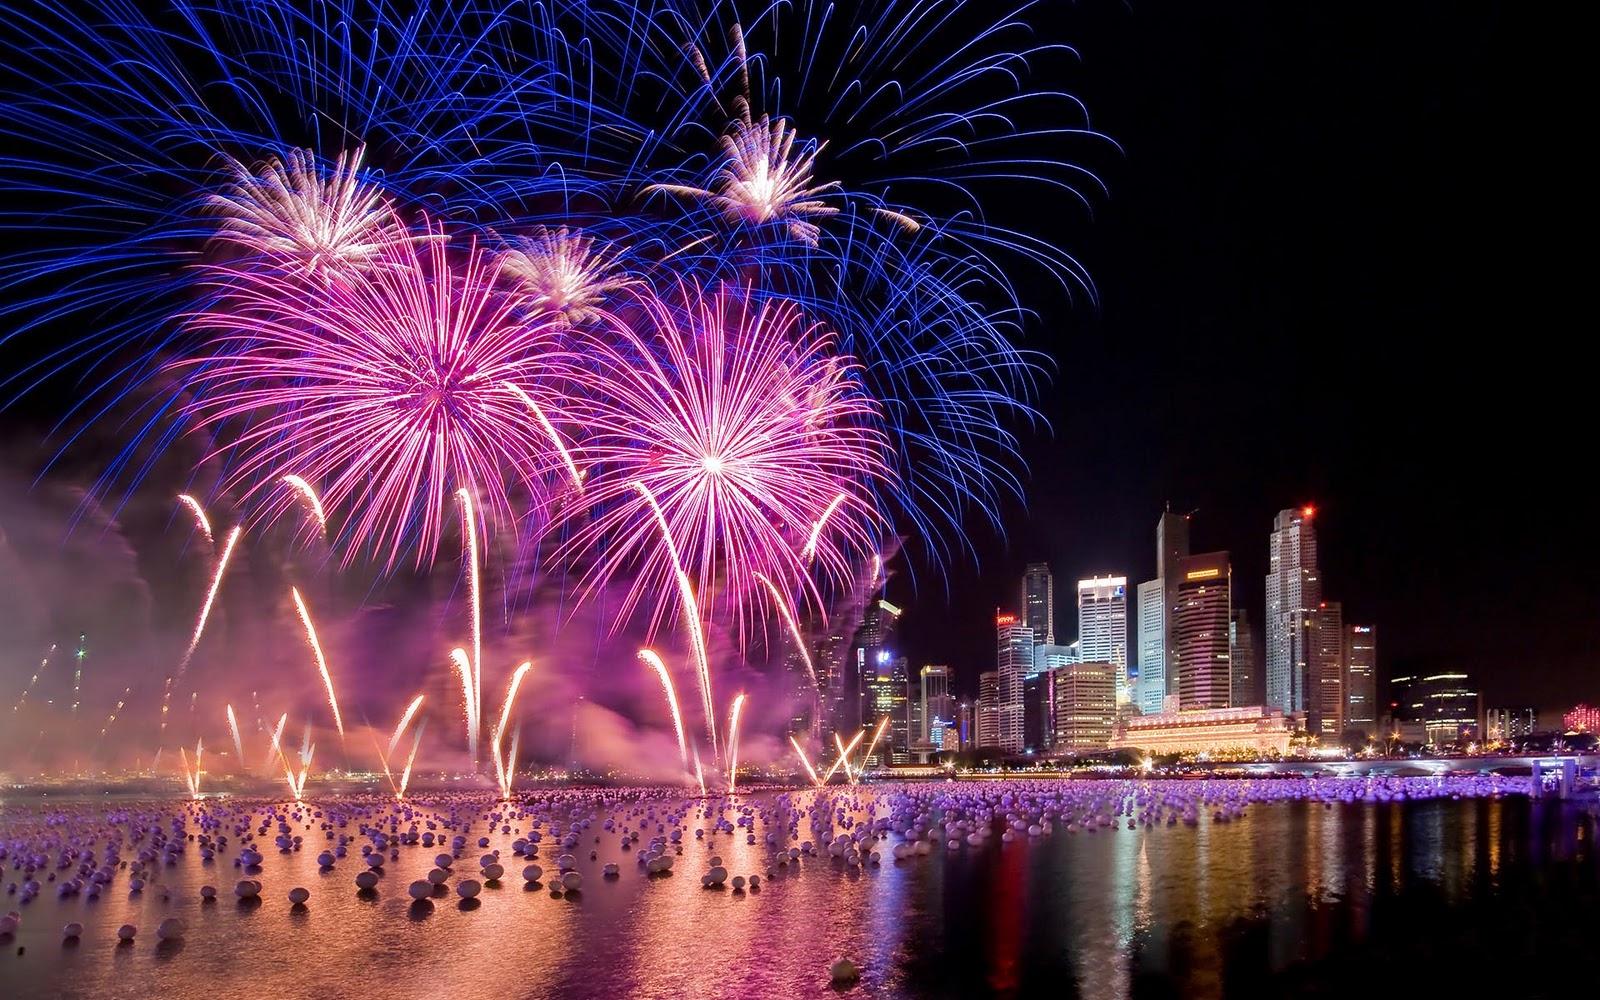 Bắn pháo hoa chào mừng năm mới tết dương lịch và âm lịch tại thành phố HỒ CHÍ MINH